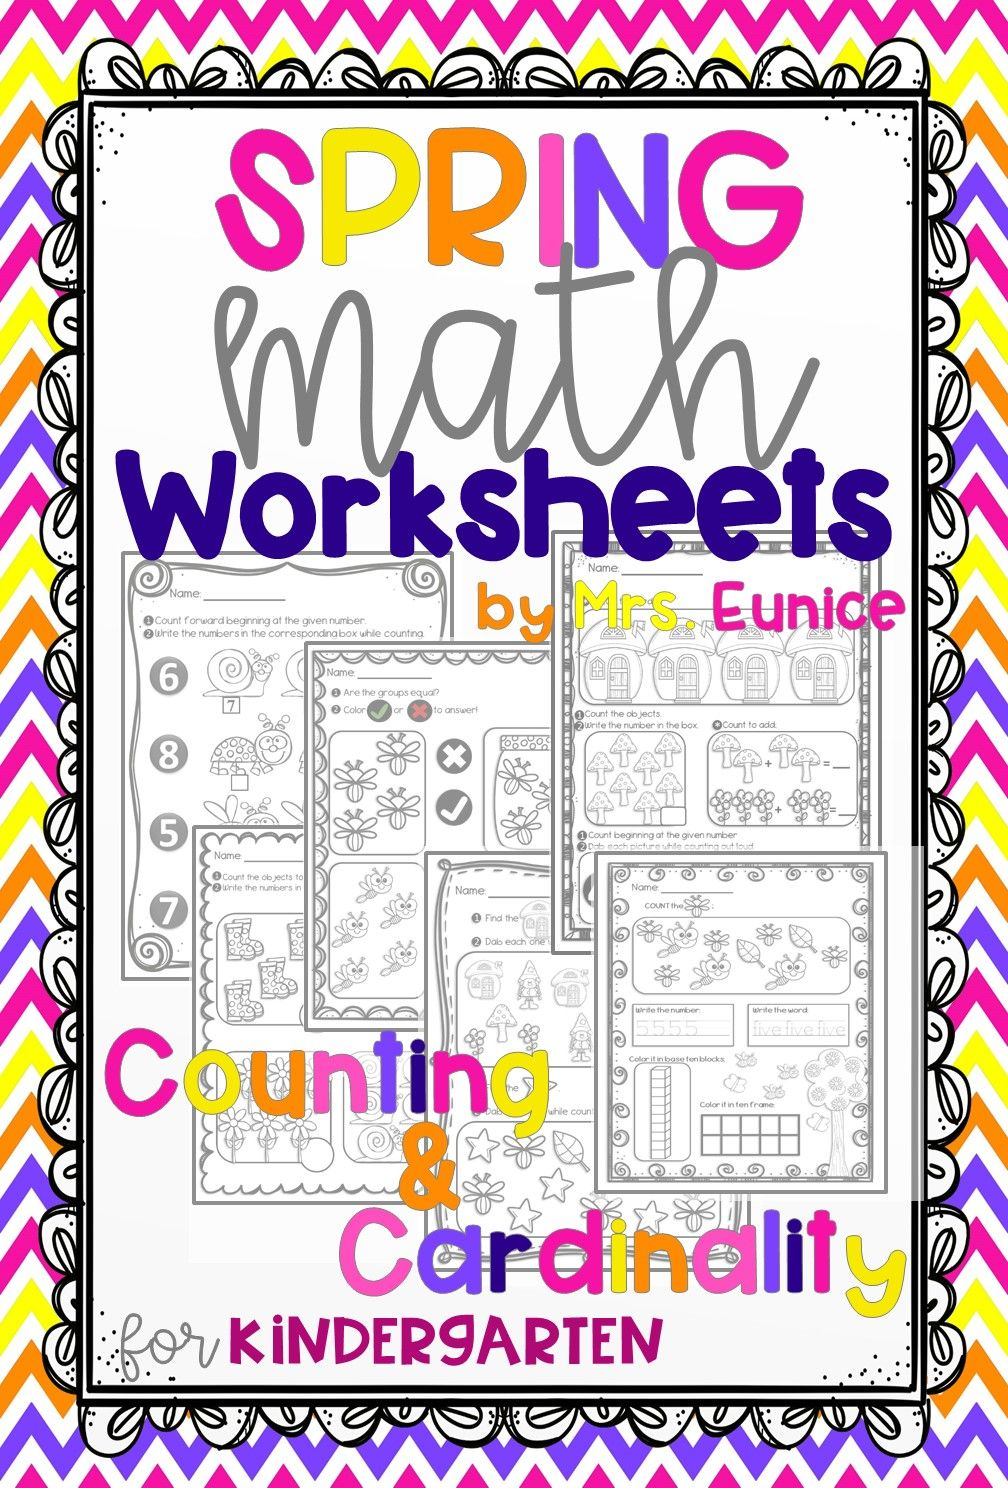 Spring Math Worksheets For Kindergarten Counting And Cardinality Spring Math Worksheets Kindergarten Math Worksheets Math Worksheets [ 1488 x 1008 Pixel ]